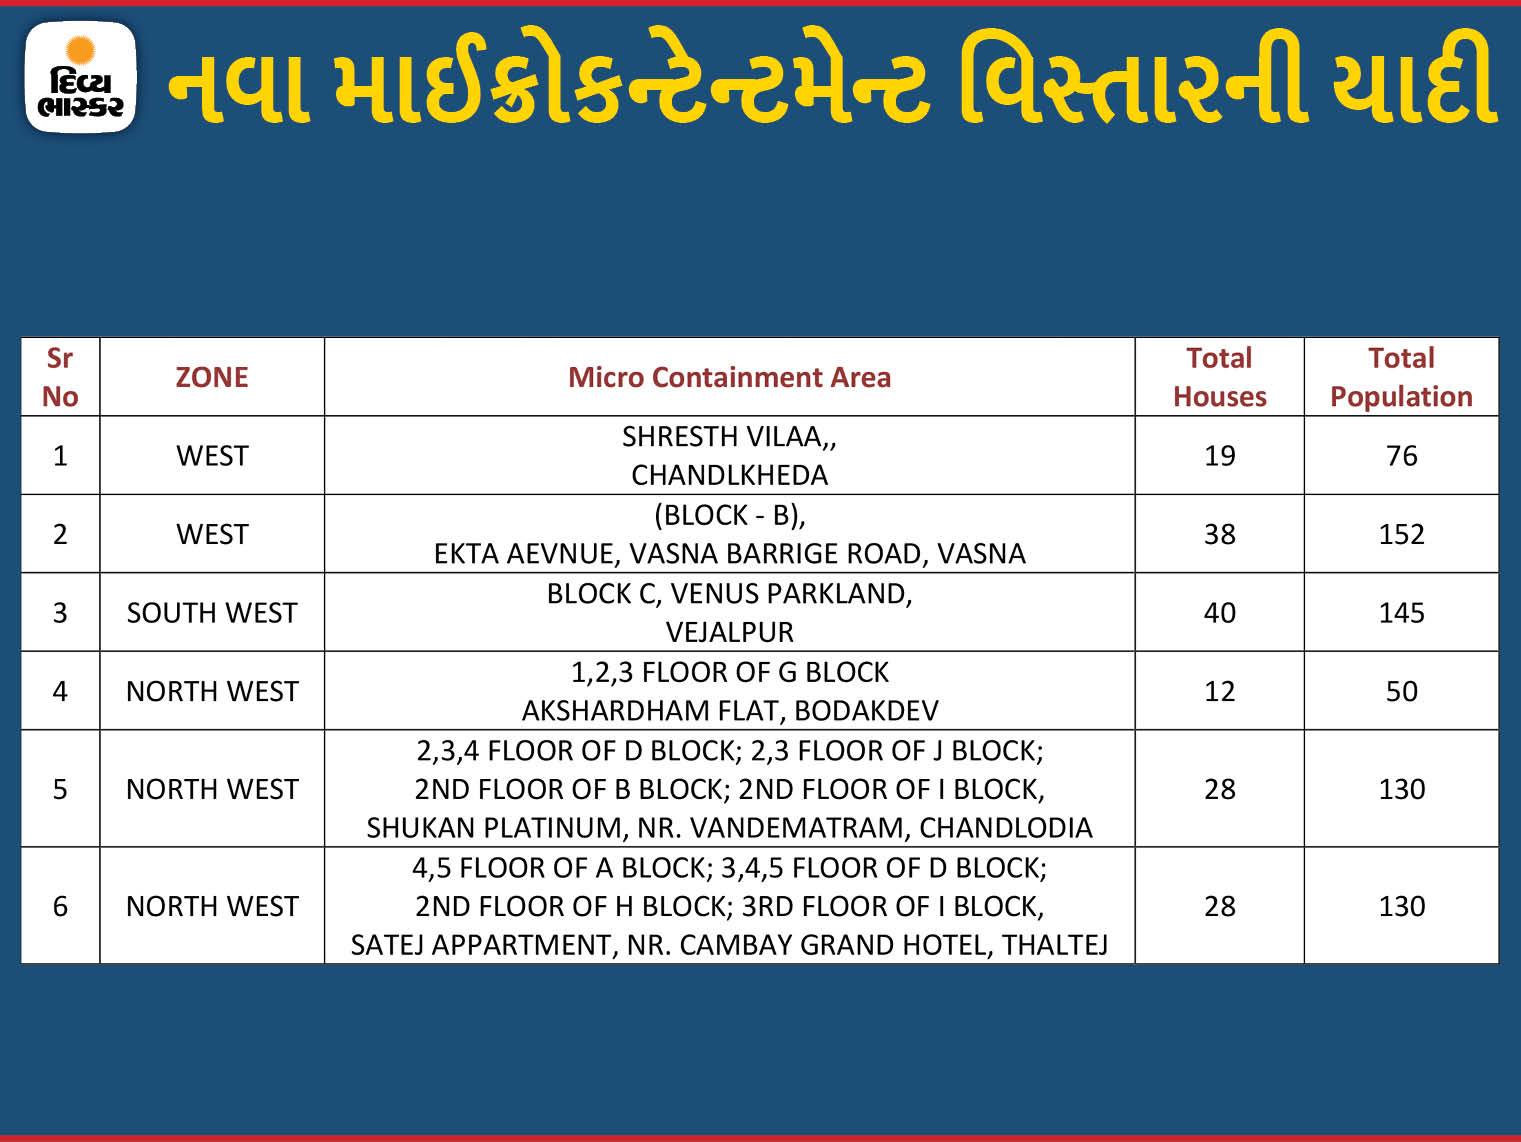 અમદાવાદમાં જોધપુર, બોડકદેવ, ગોતા અને ચાંદલોડિયાના 6 વિસ્તારોને માઈક્રો કન્ટેનમેન્ટ ઝોનમાં મૂકાયા, હવે 266 અમલી|અમદાવાદ,Ahmedabad - Divya Bhaskar